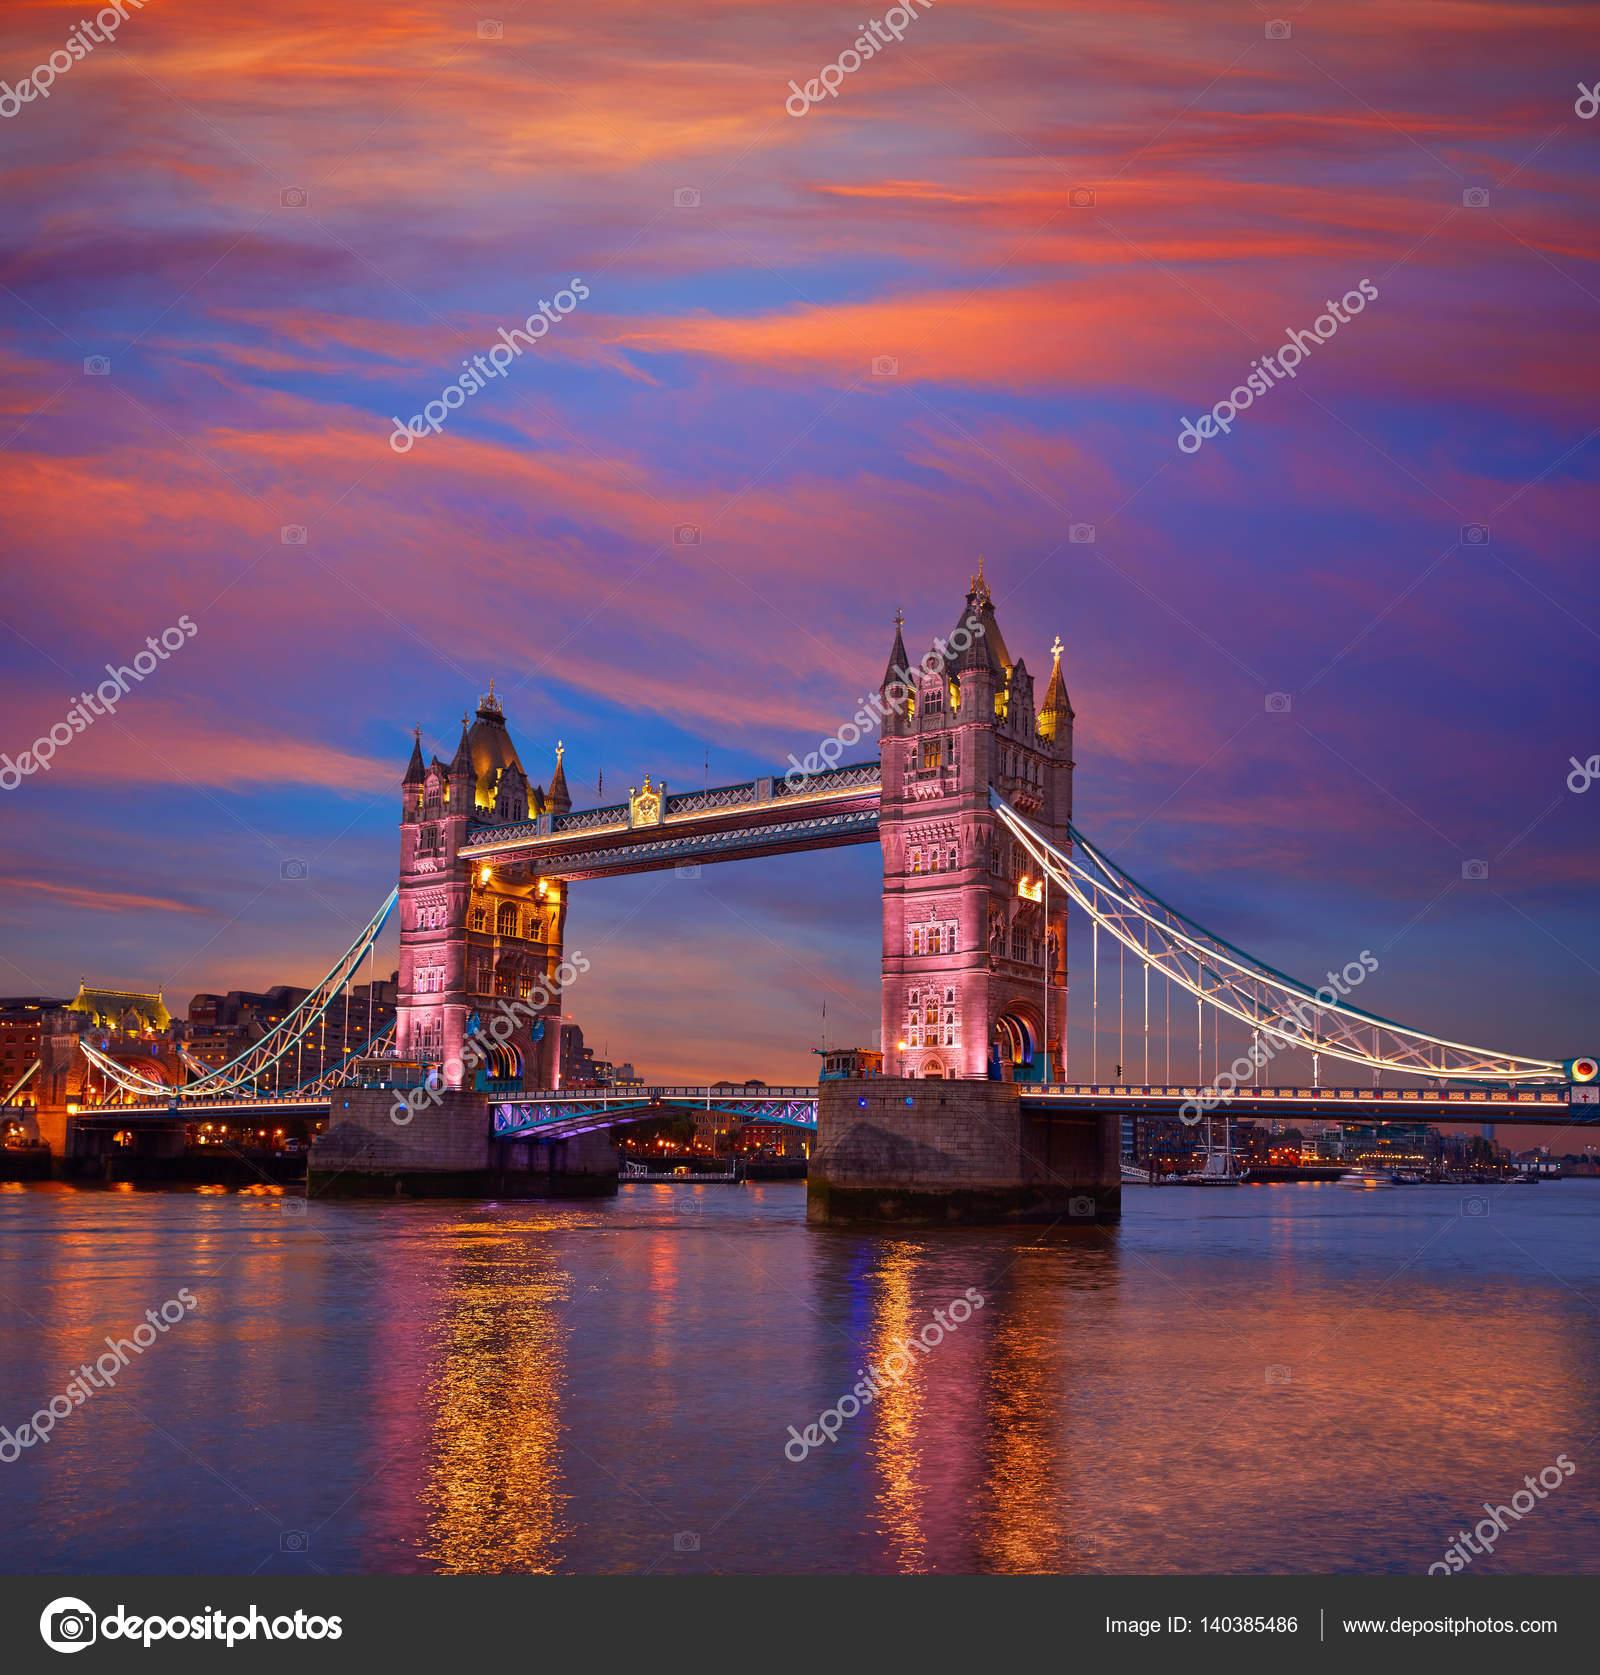 Atardecer De London Tower Bridge En El Río Támesis Foto De Stock